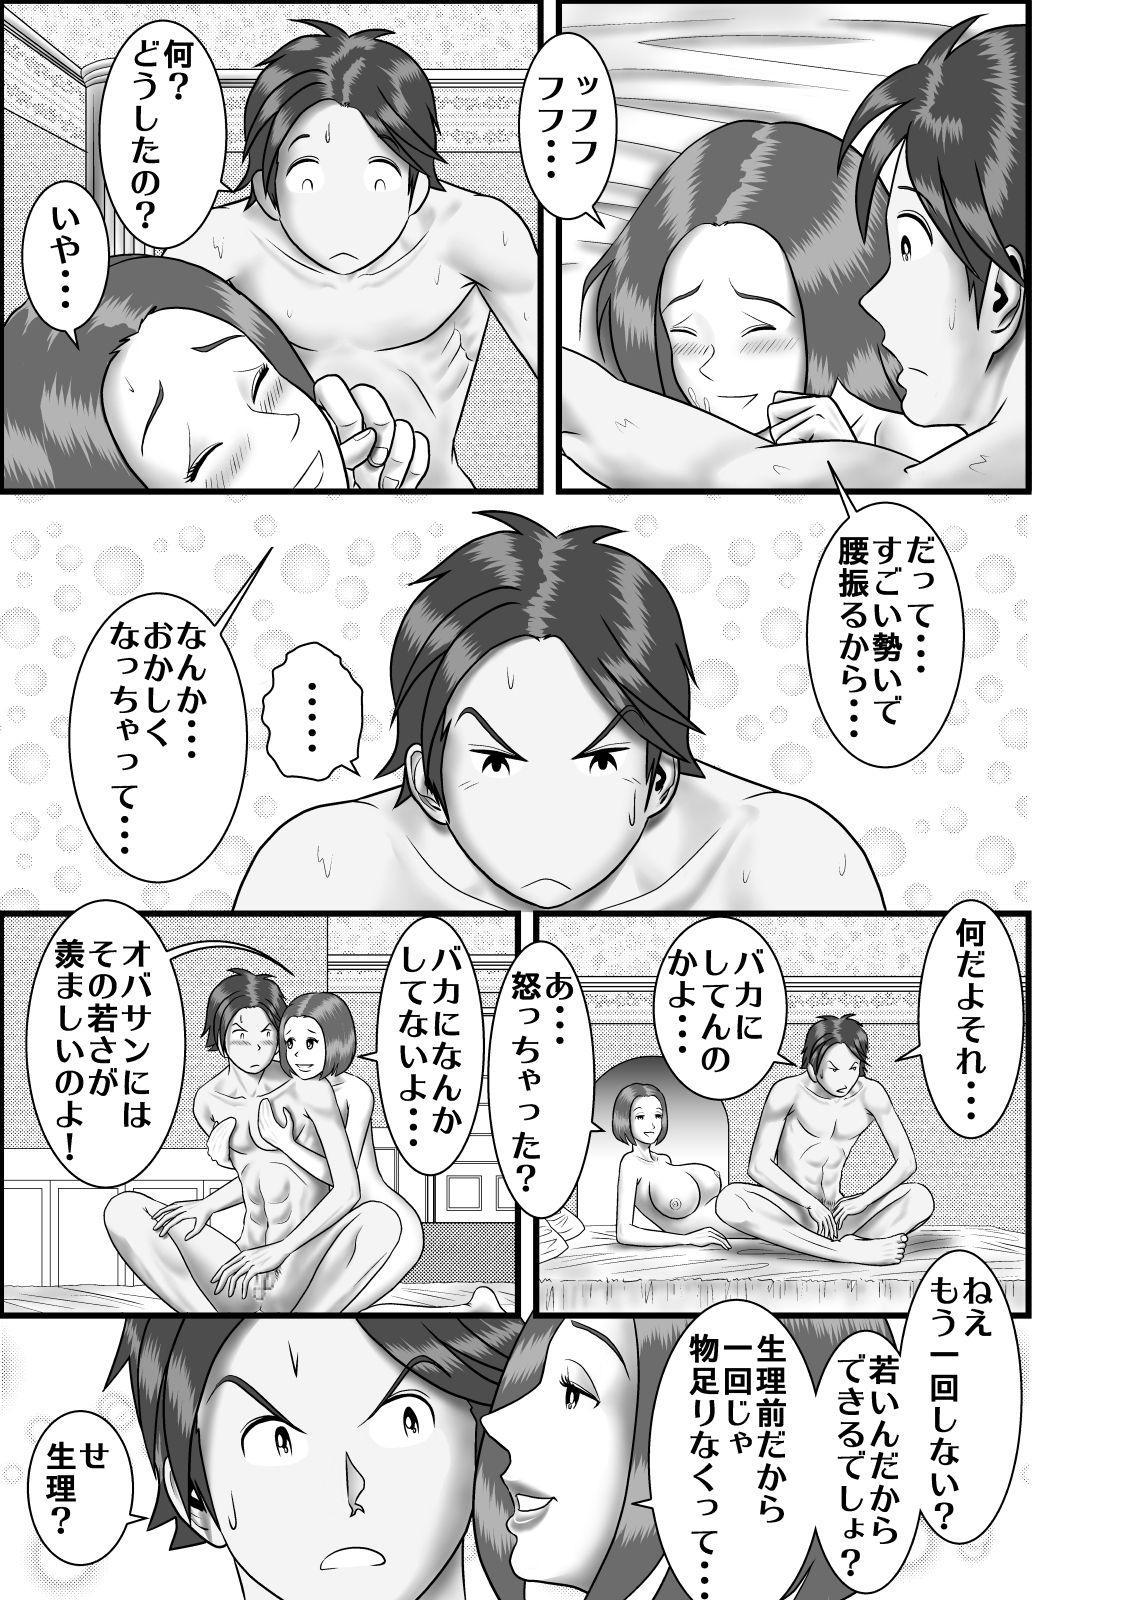 Hajimete no Uwaki Aite wa Kanojo no Hahaoya deshita 2 5